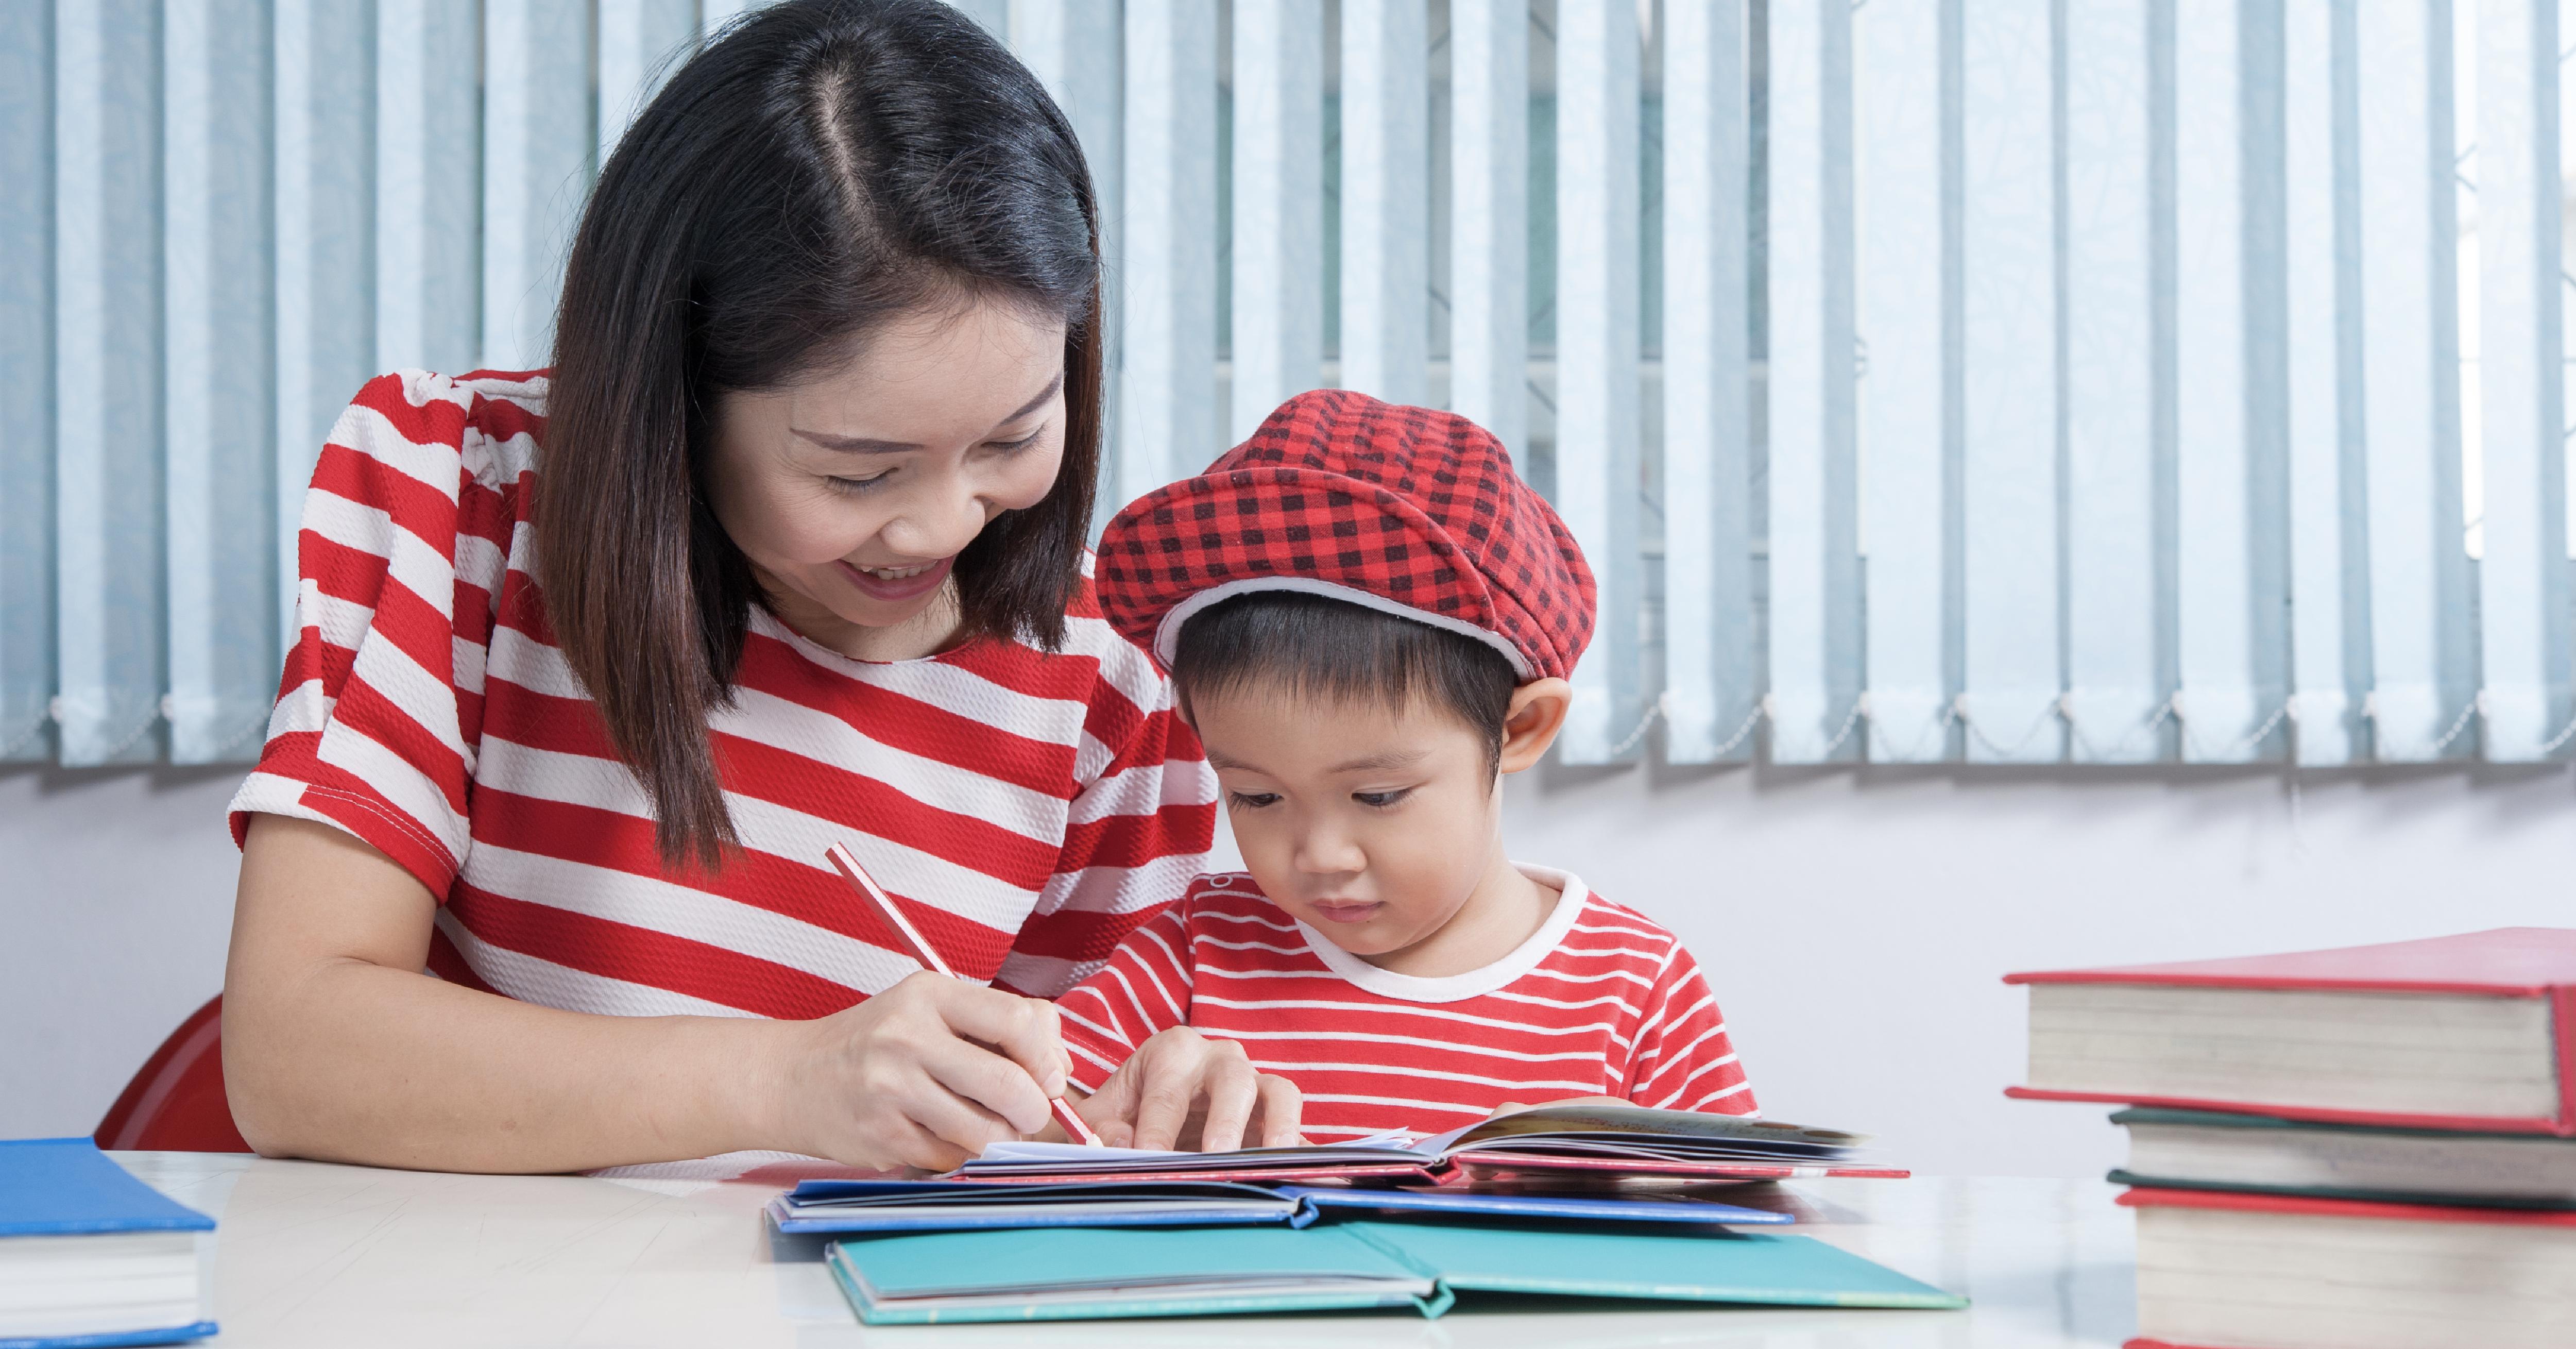 Stop Teaching Your Preschooler To Just Read